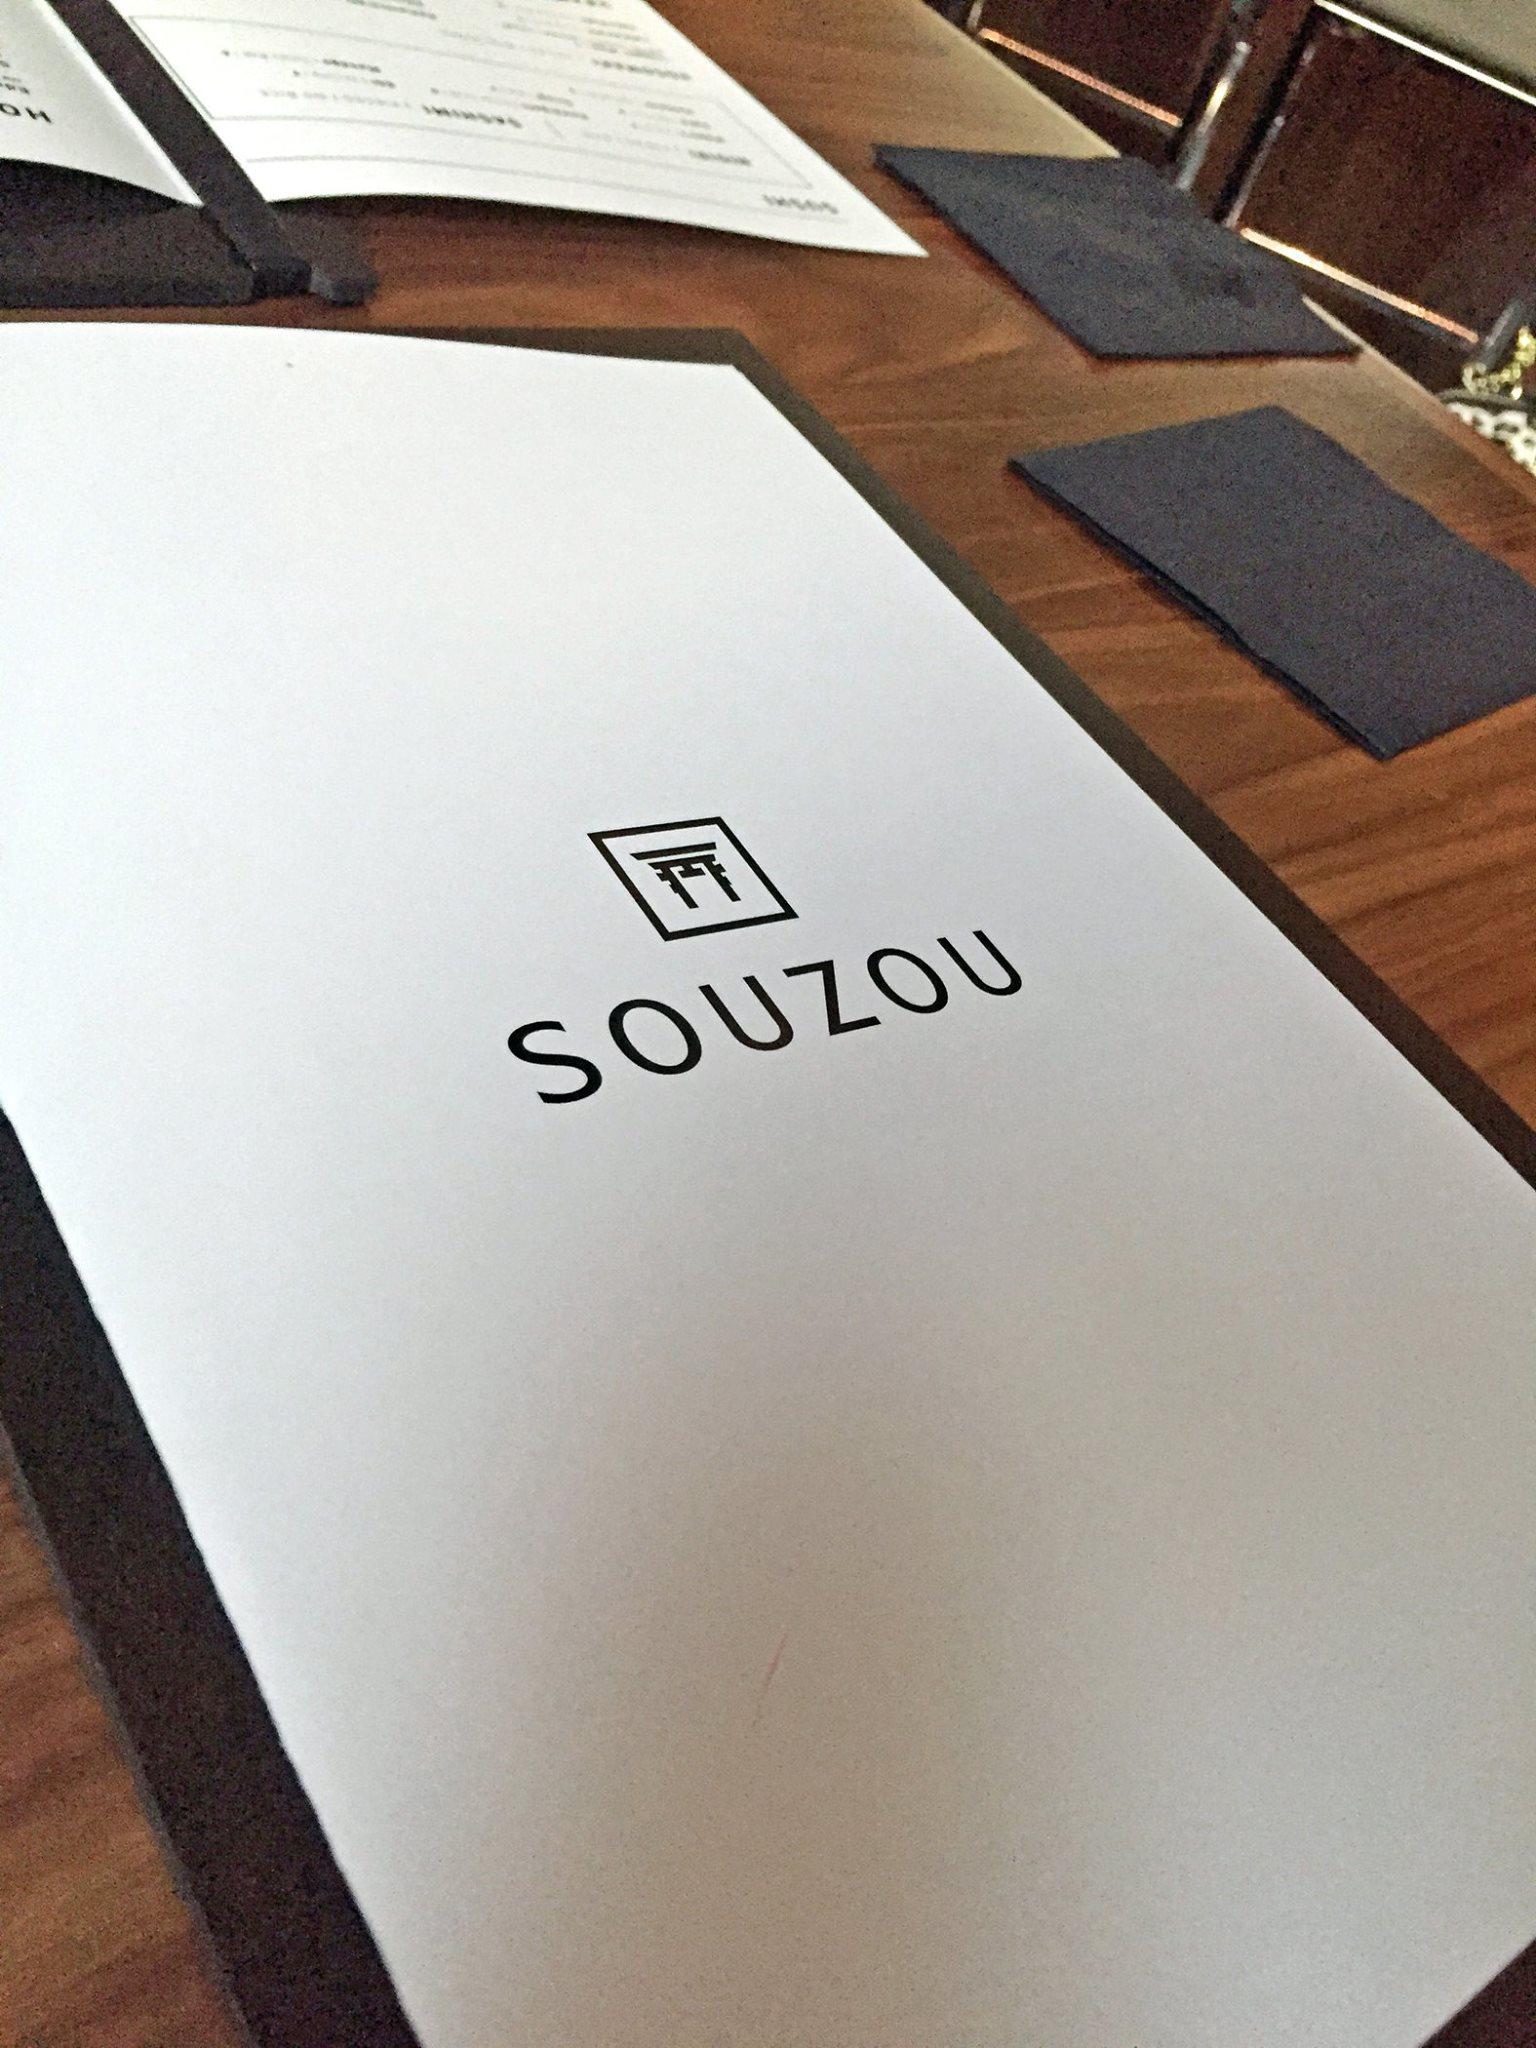 Souzou Menu-01